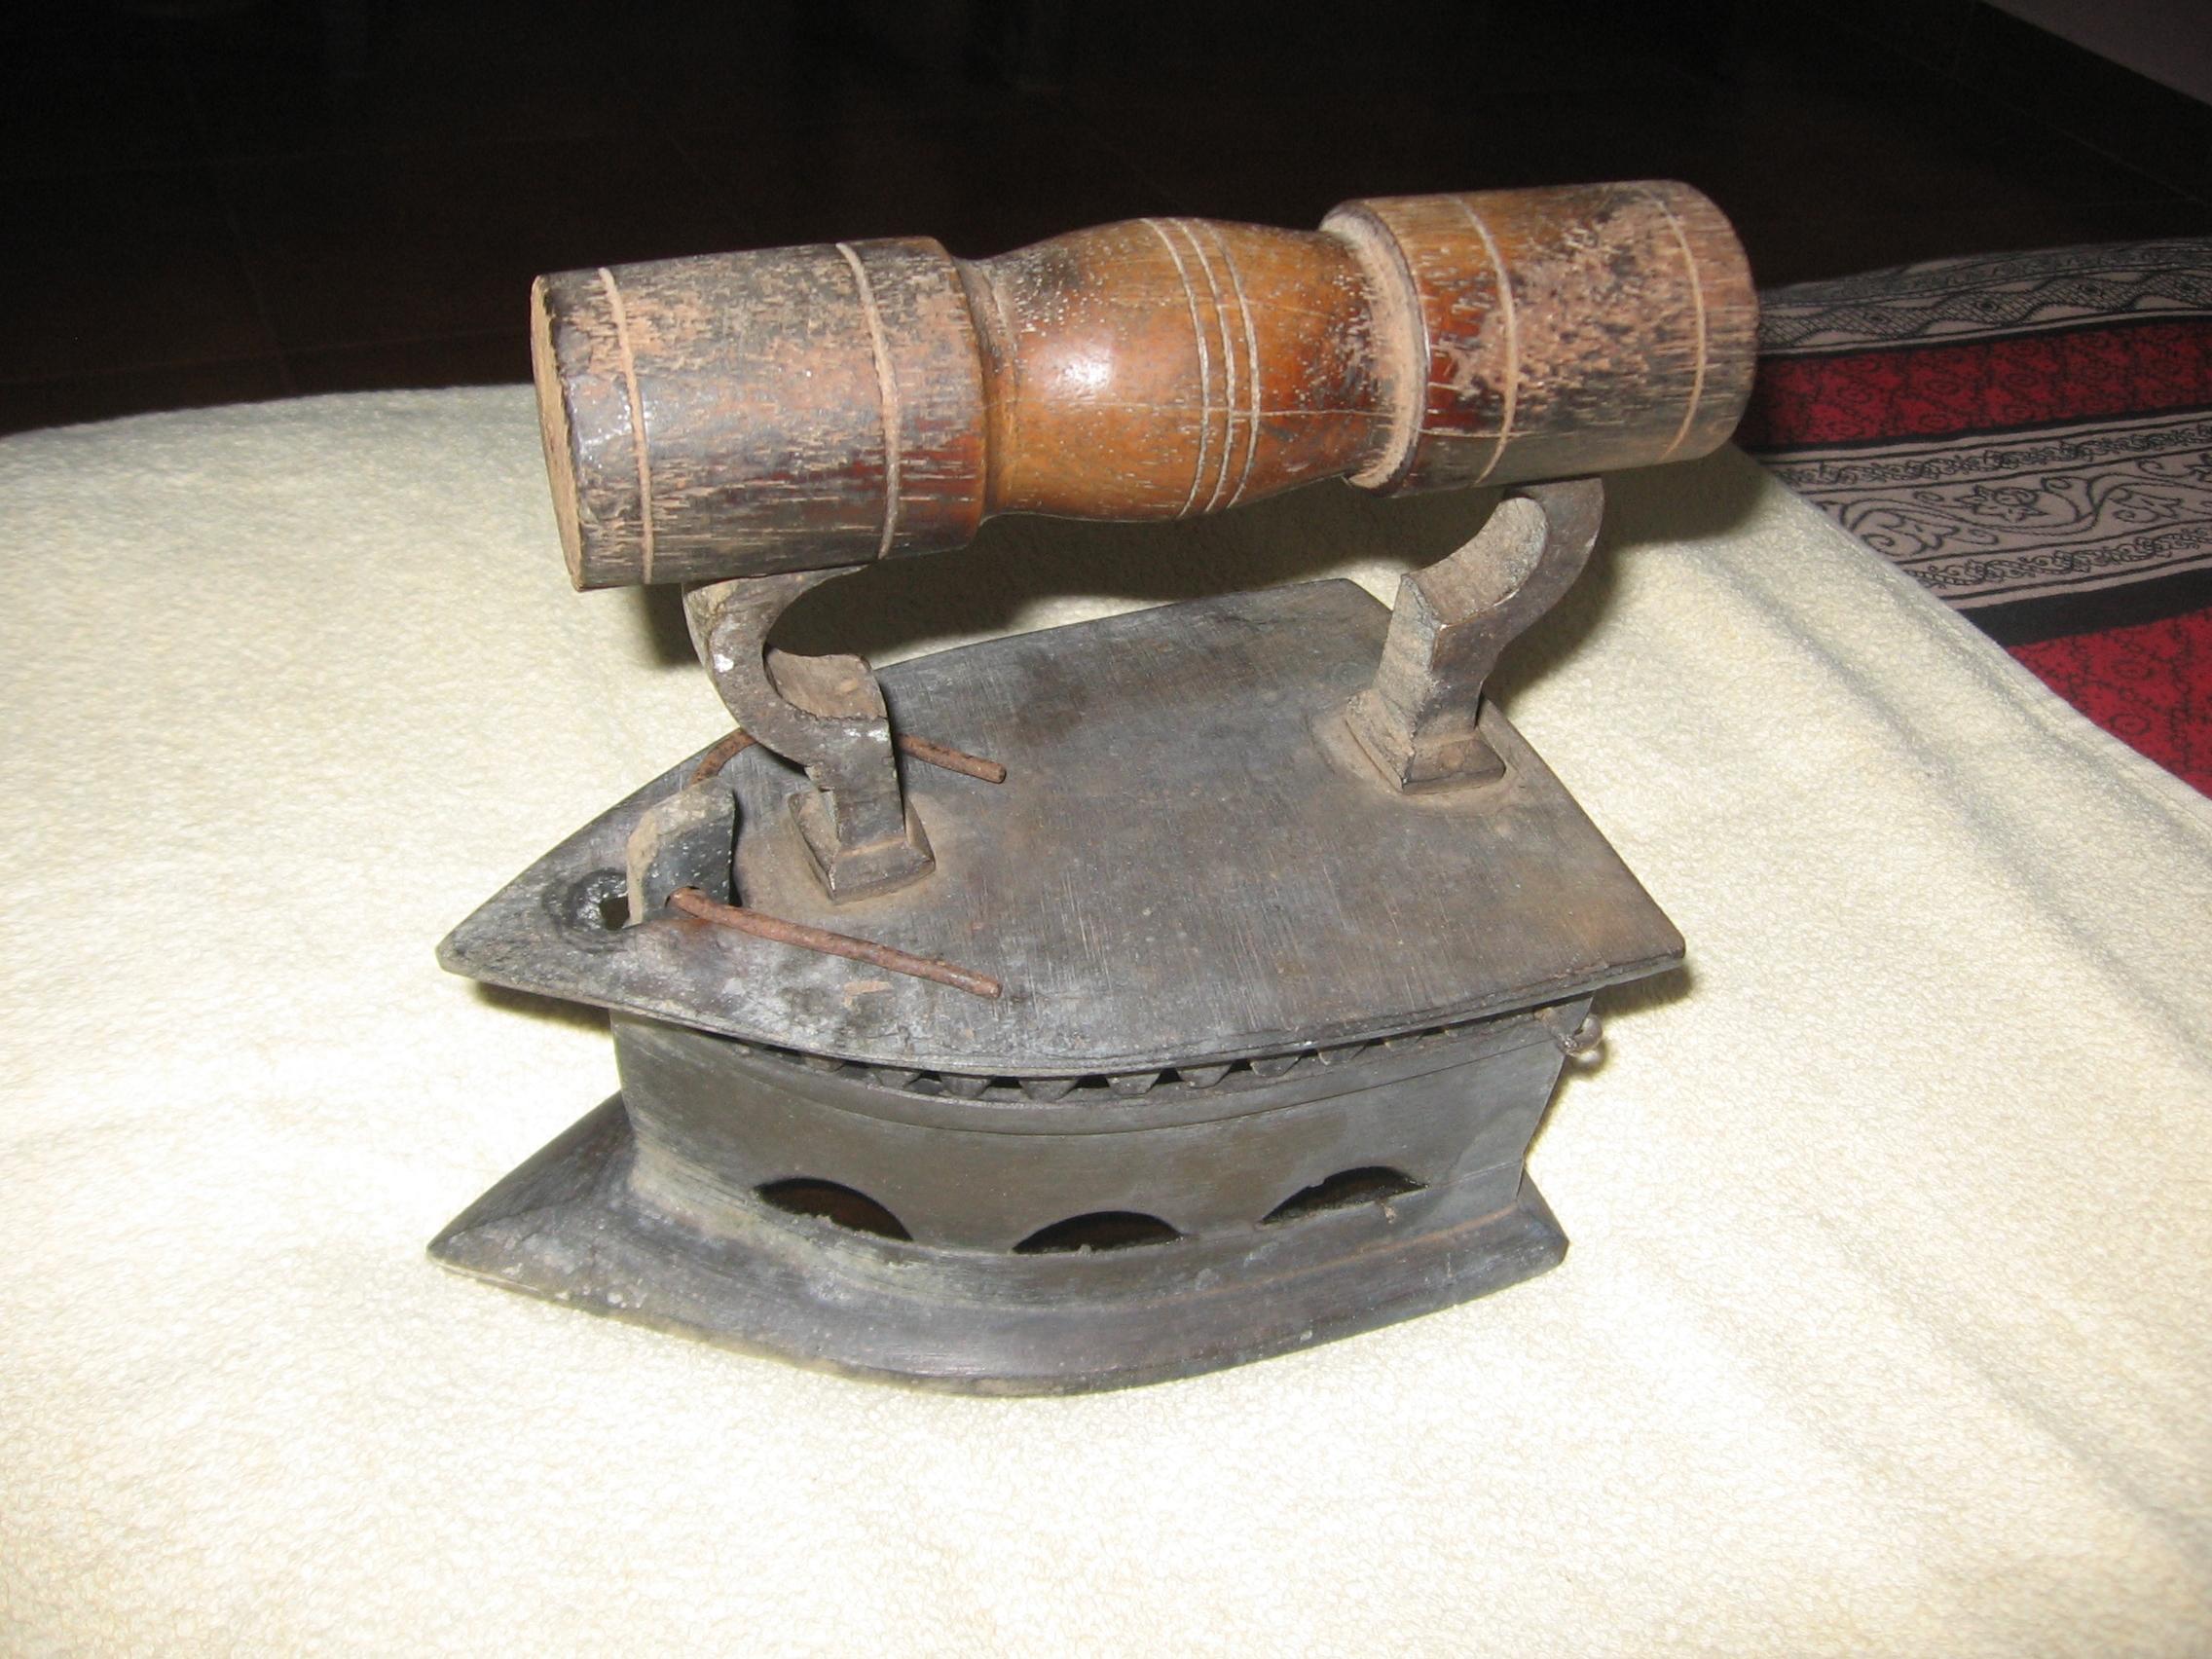 File:Iron Box 01.jpg - Wikimedia Commons